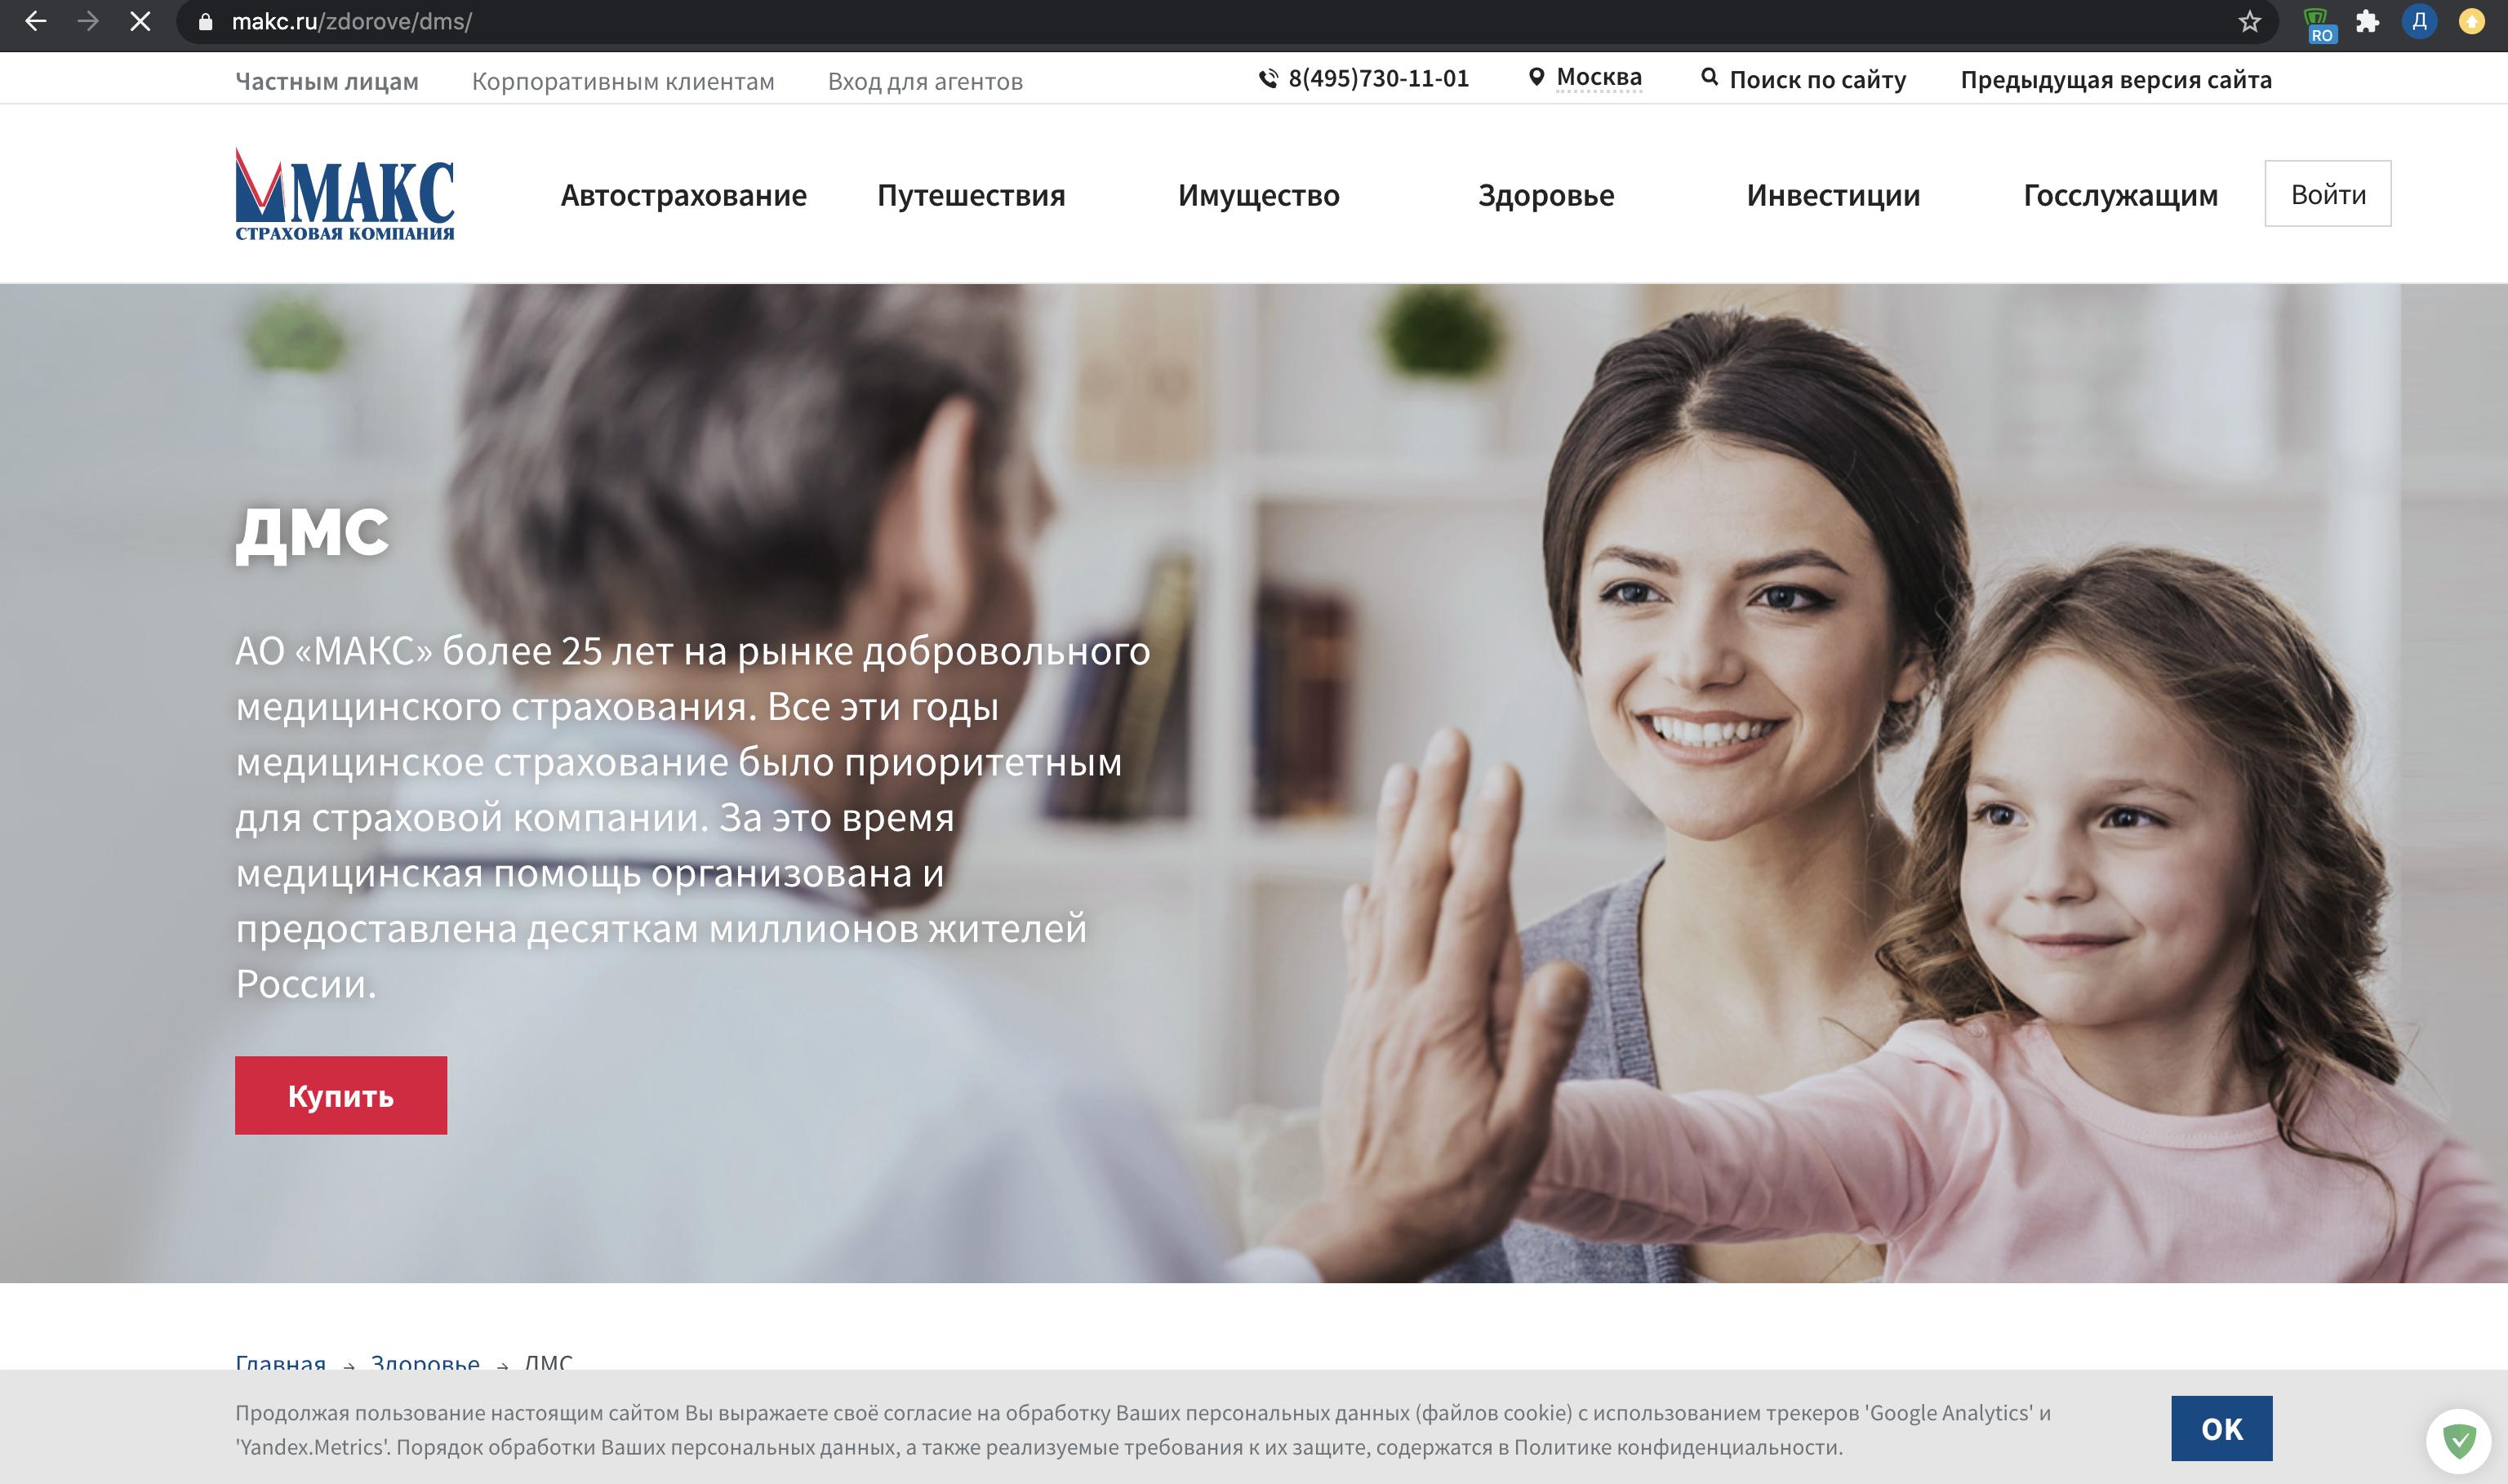 Купить онкополис онлайн 2020: через тернии к звездам